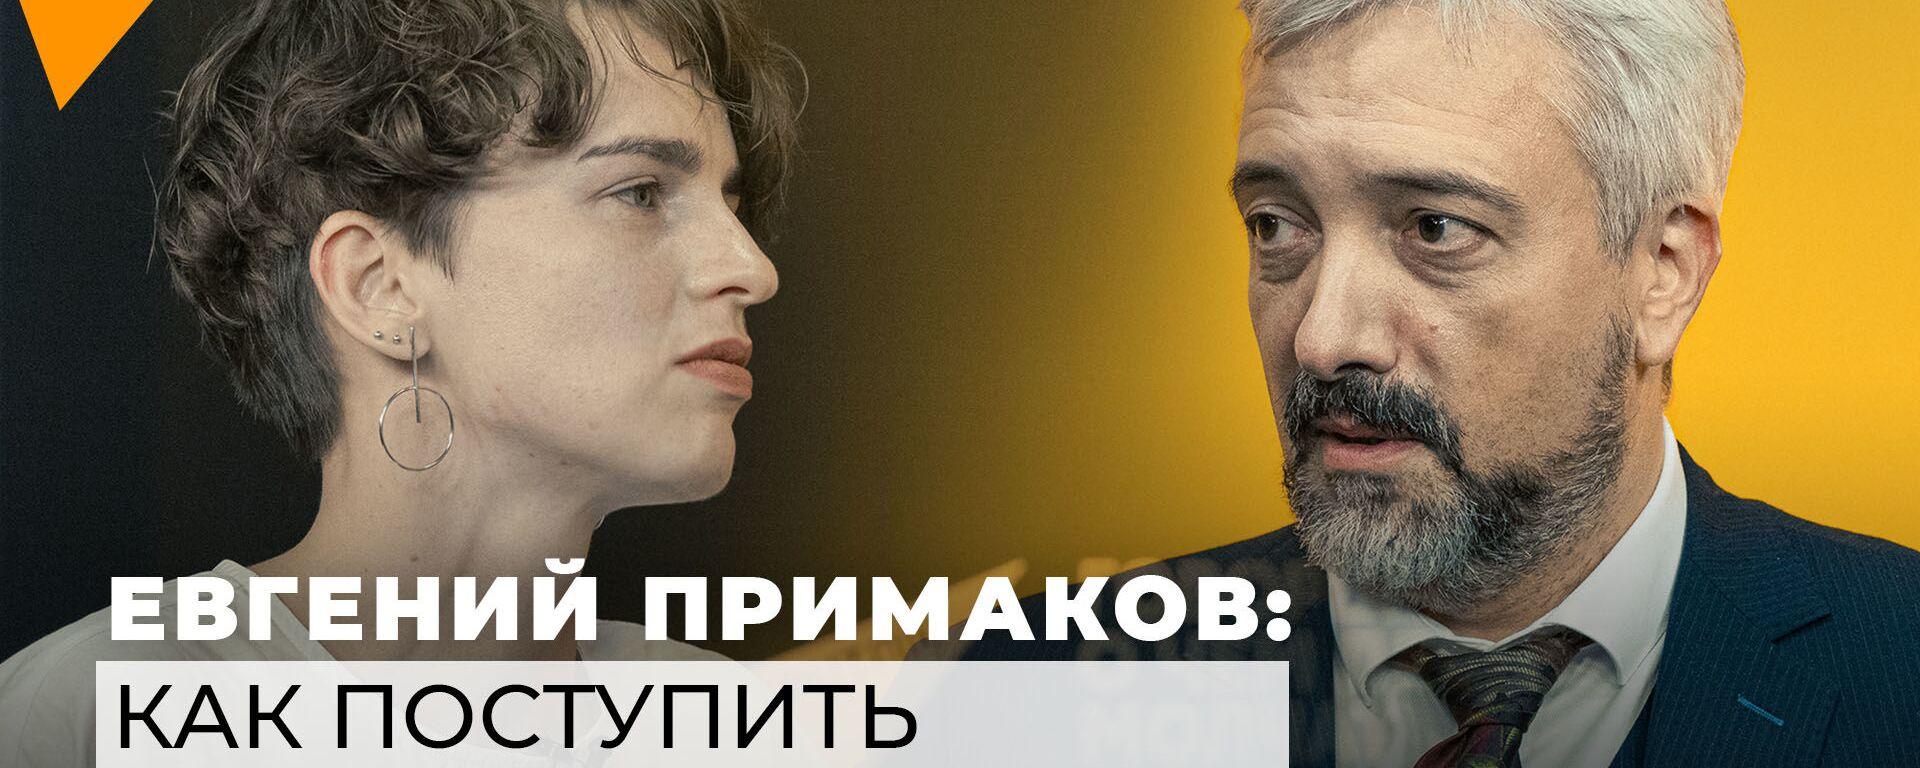 Примаков: хотим через образование усилить другие страны, а не забрать лучшие умы себе - Sputnik Латвия, 1920, 27.05.2021